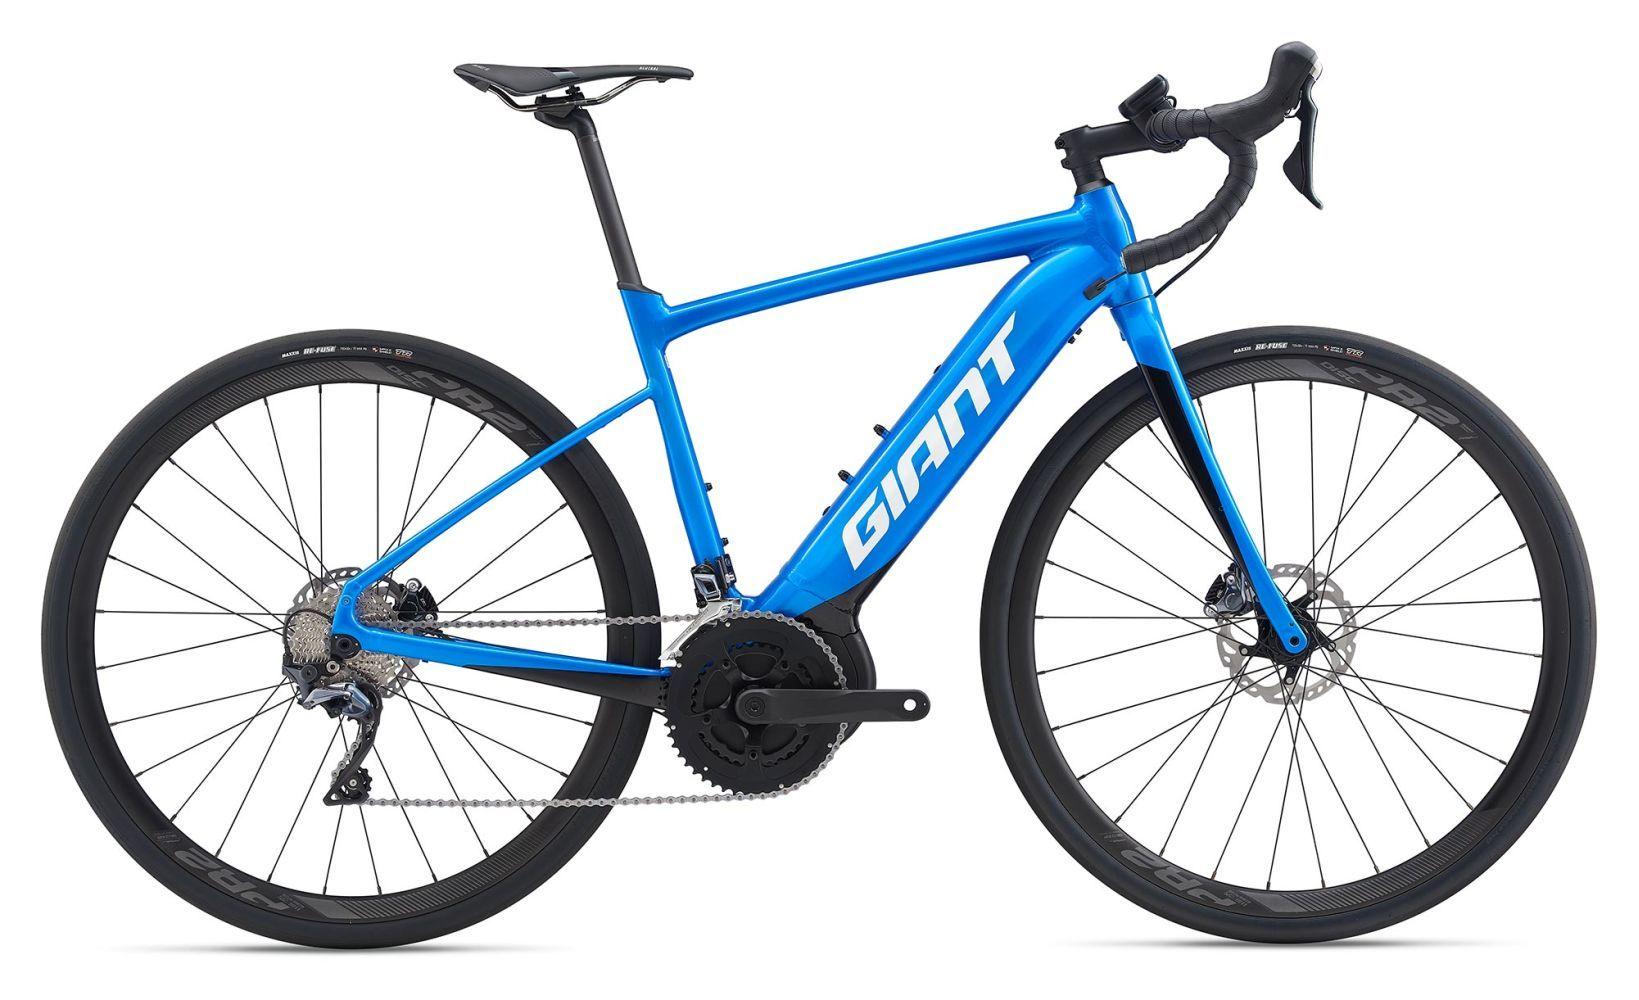 Giant Road E+ Pro (2020) Giant bicycle, Bike, Ebike